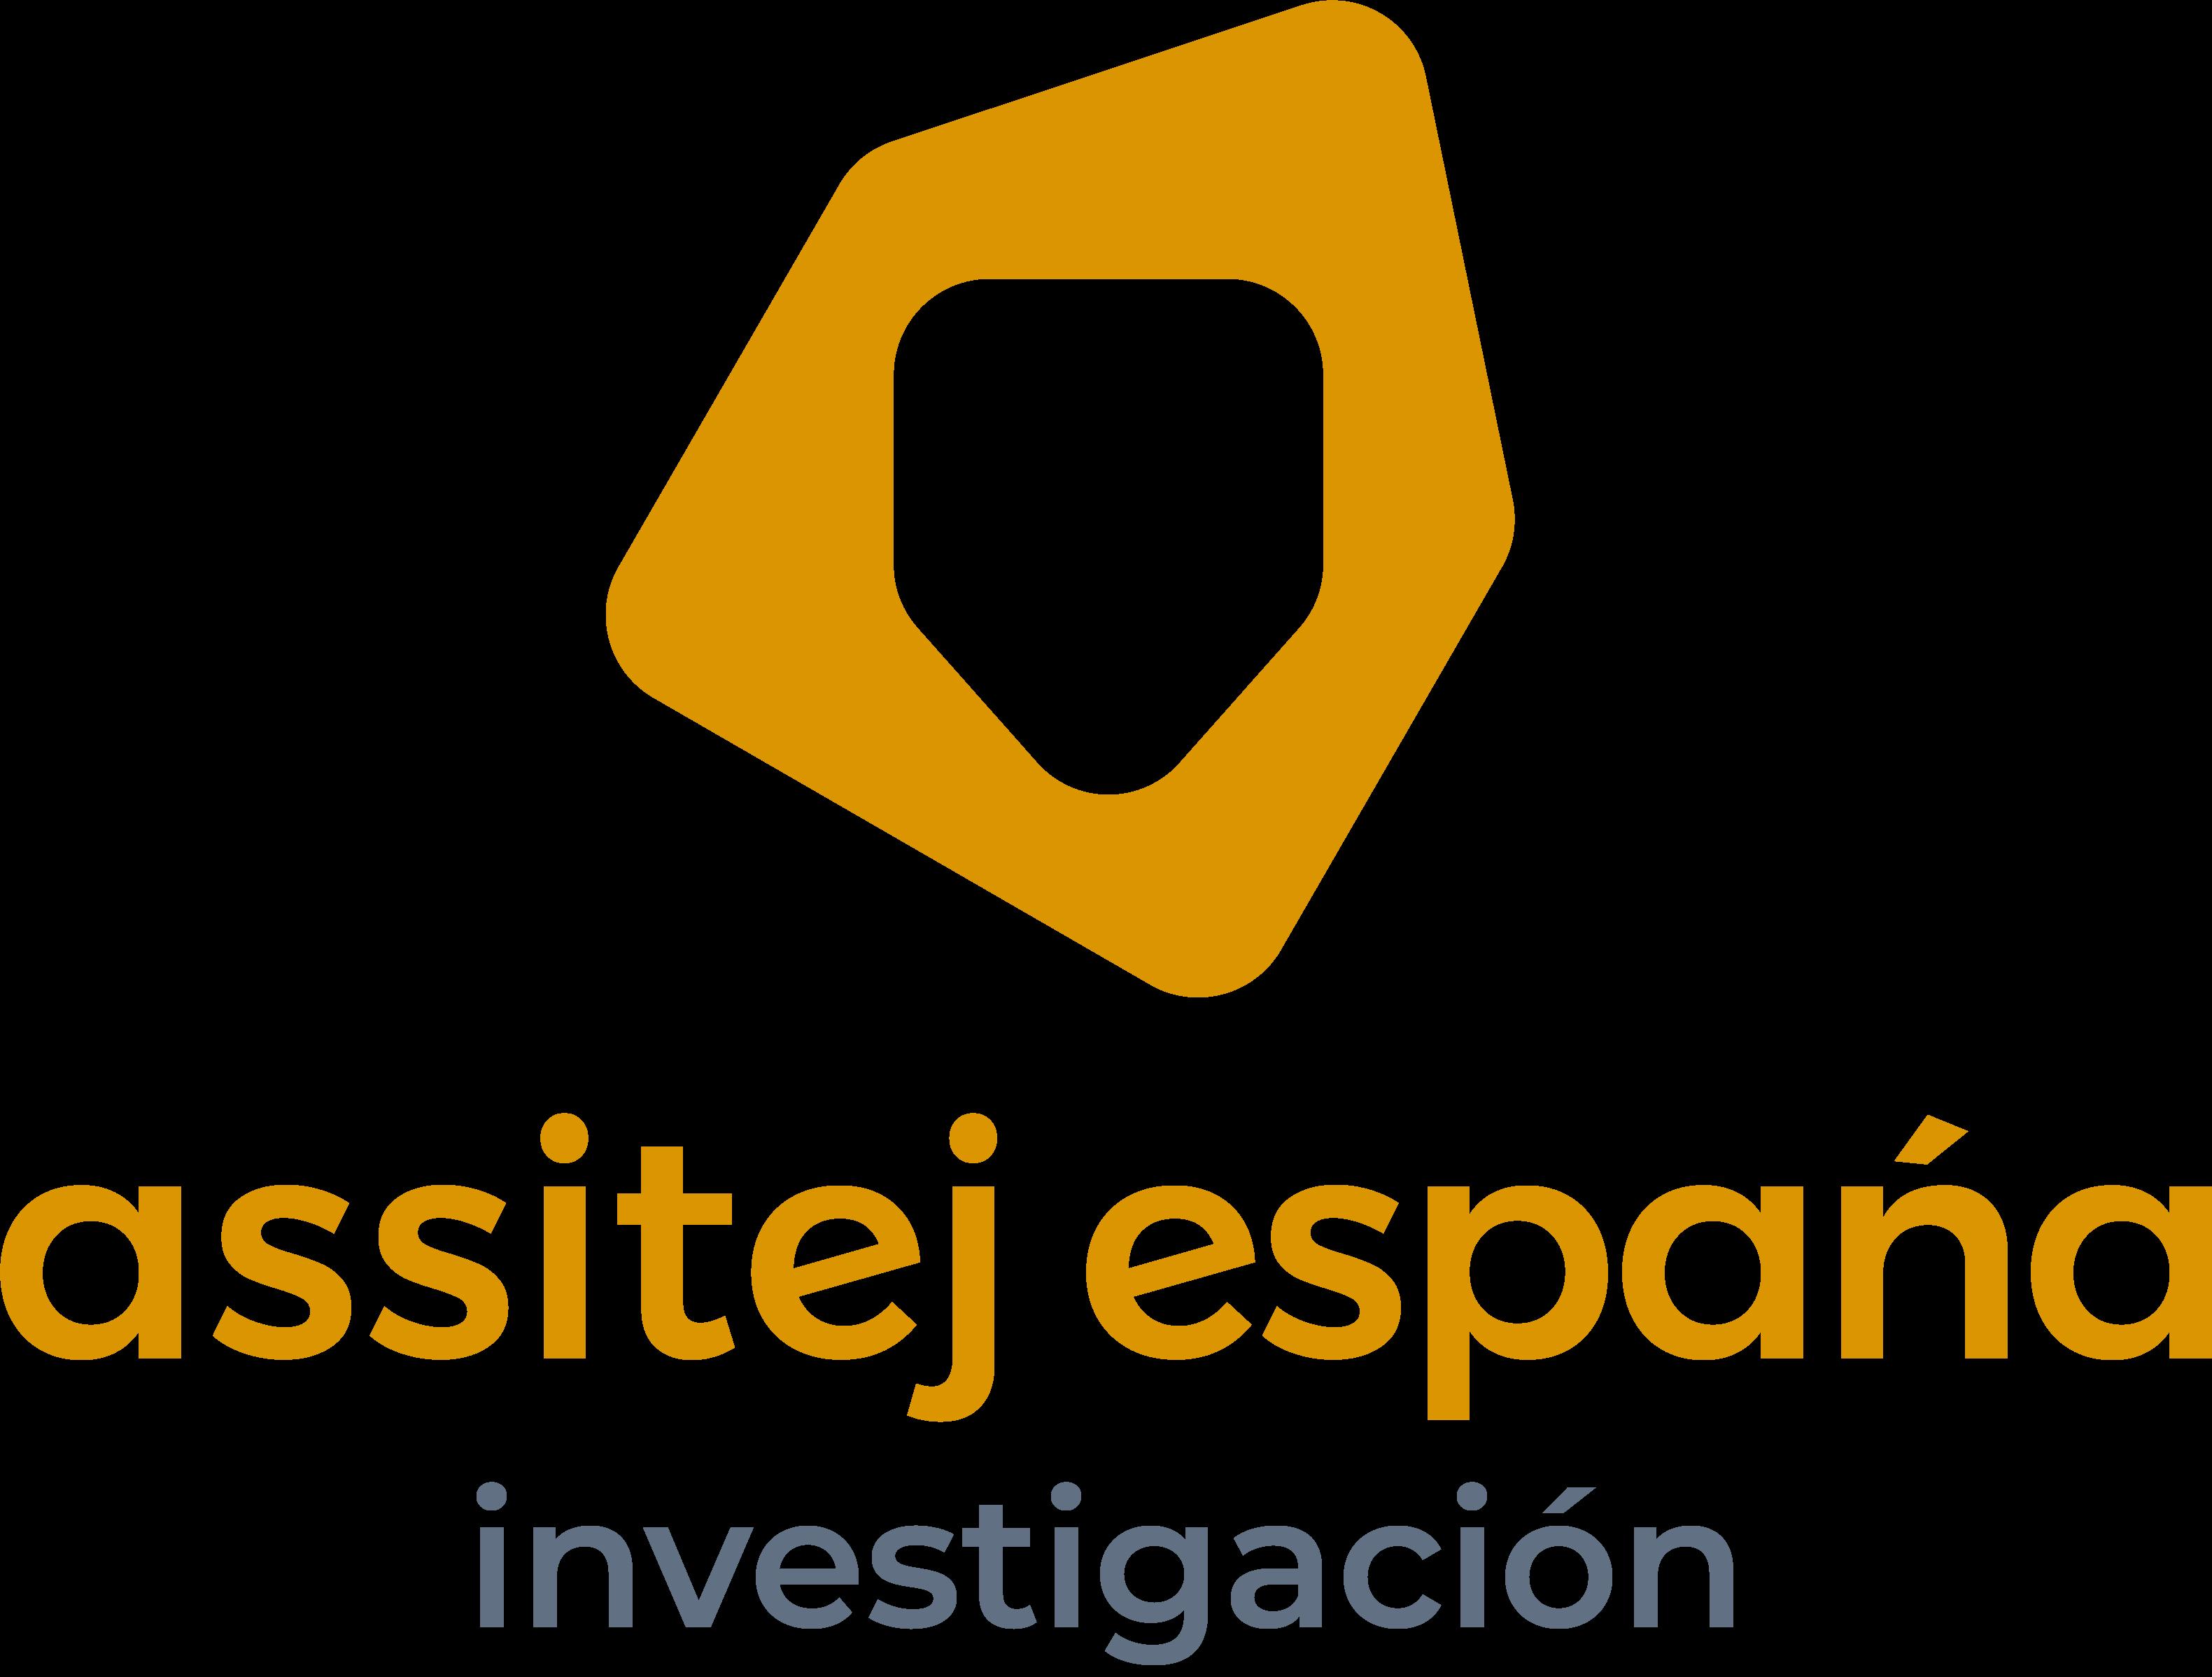 PORTAL DE INVESTIGACIÓN ASSITEJ ESPAÑA